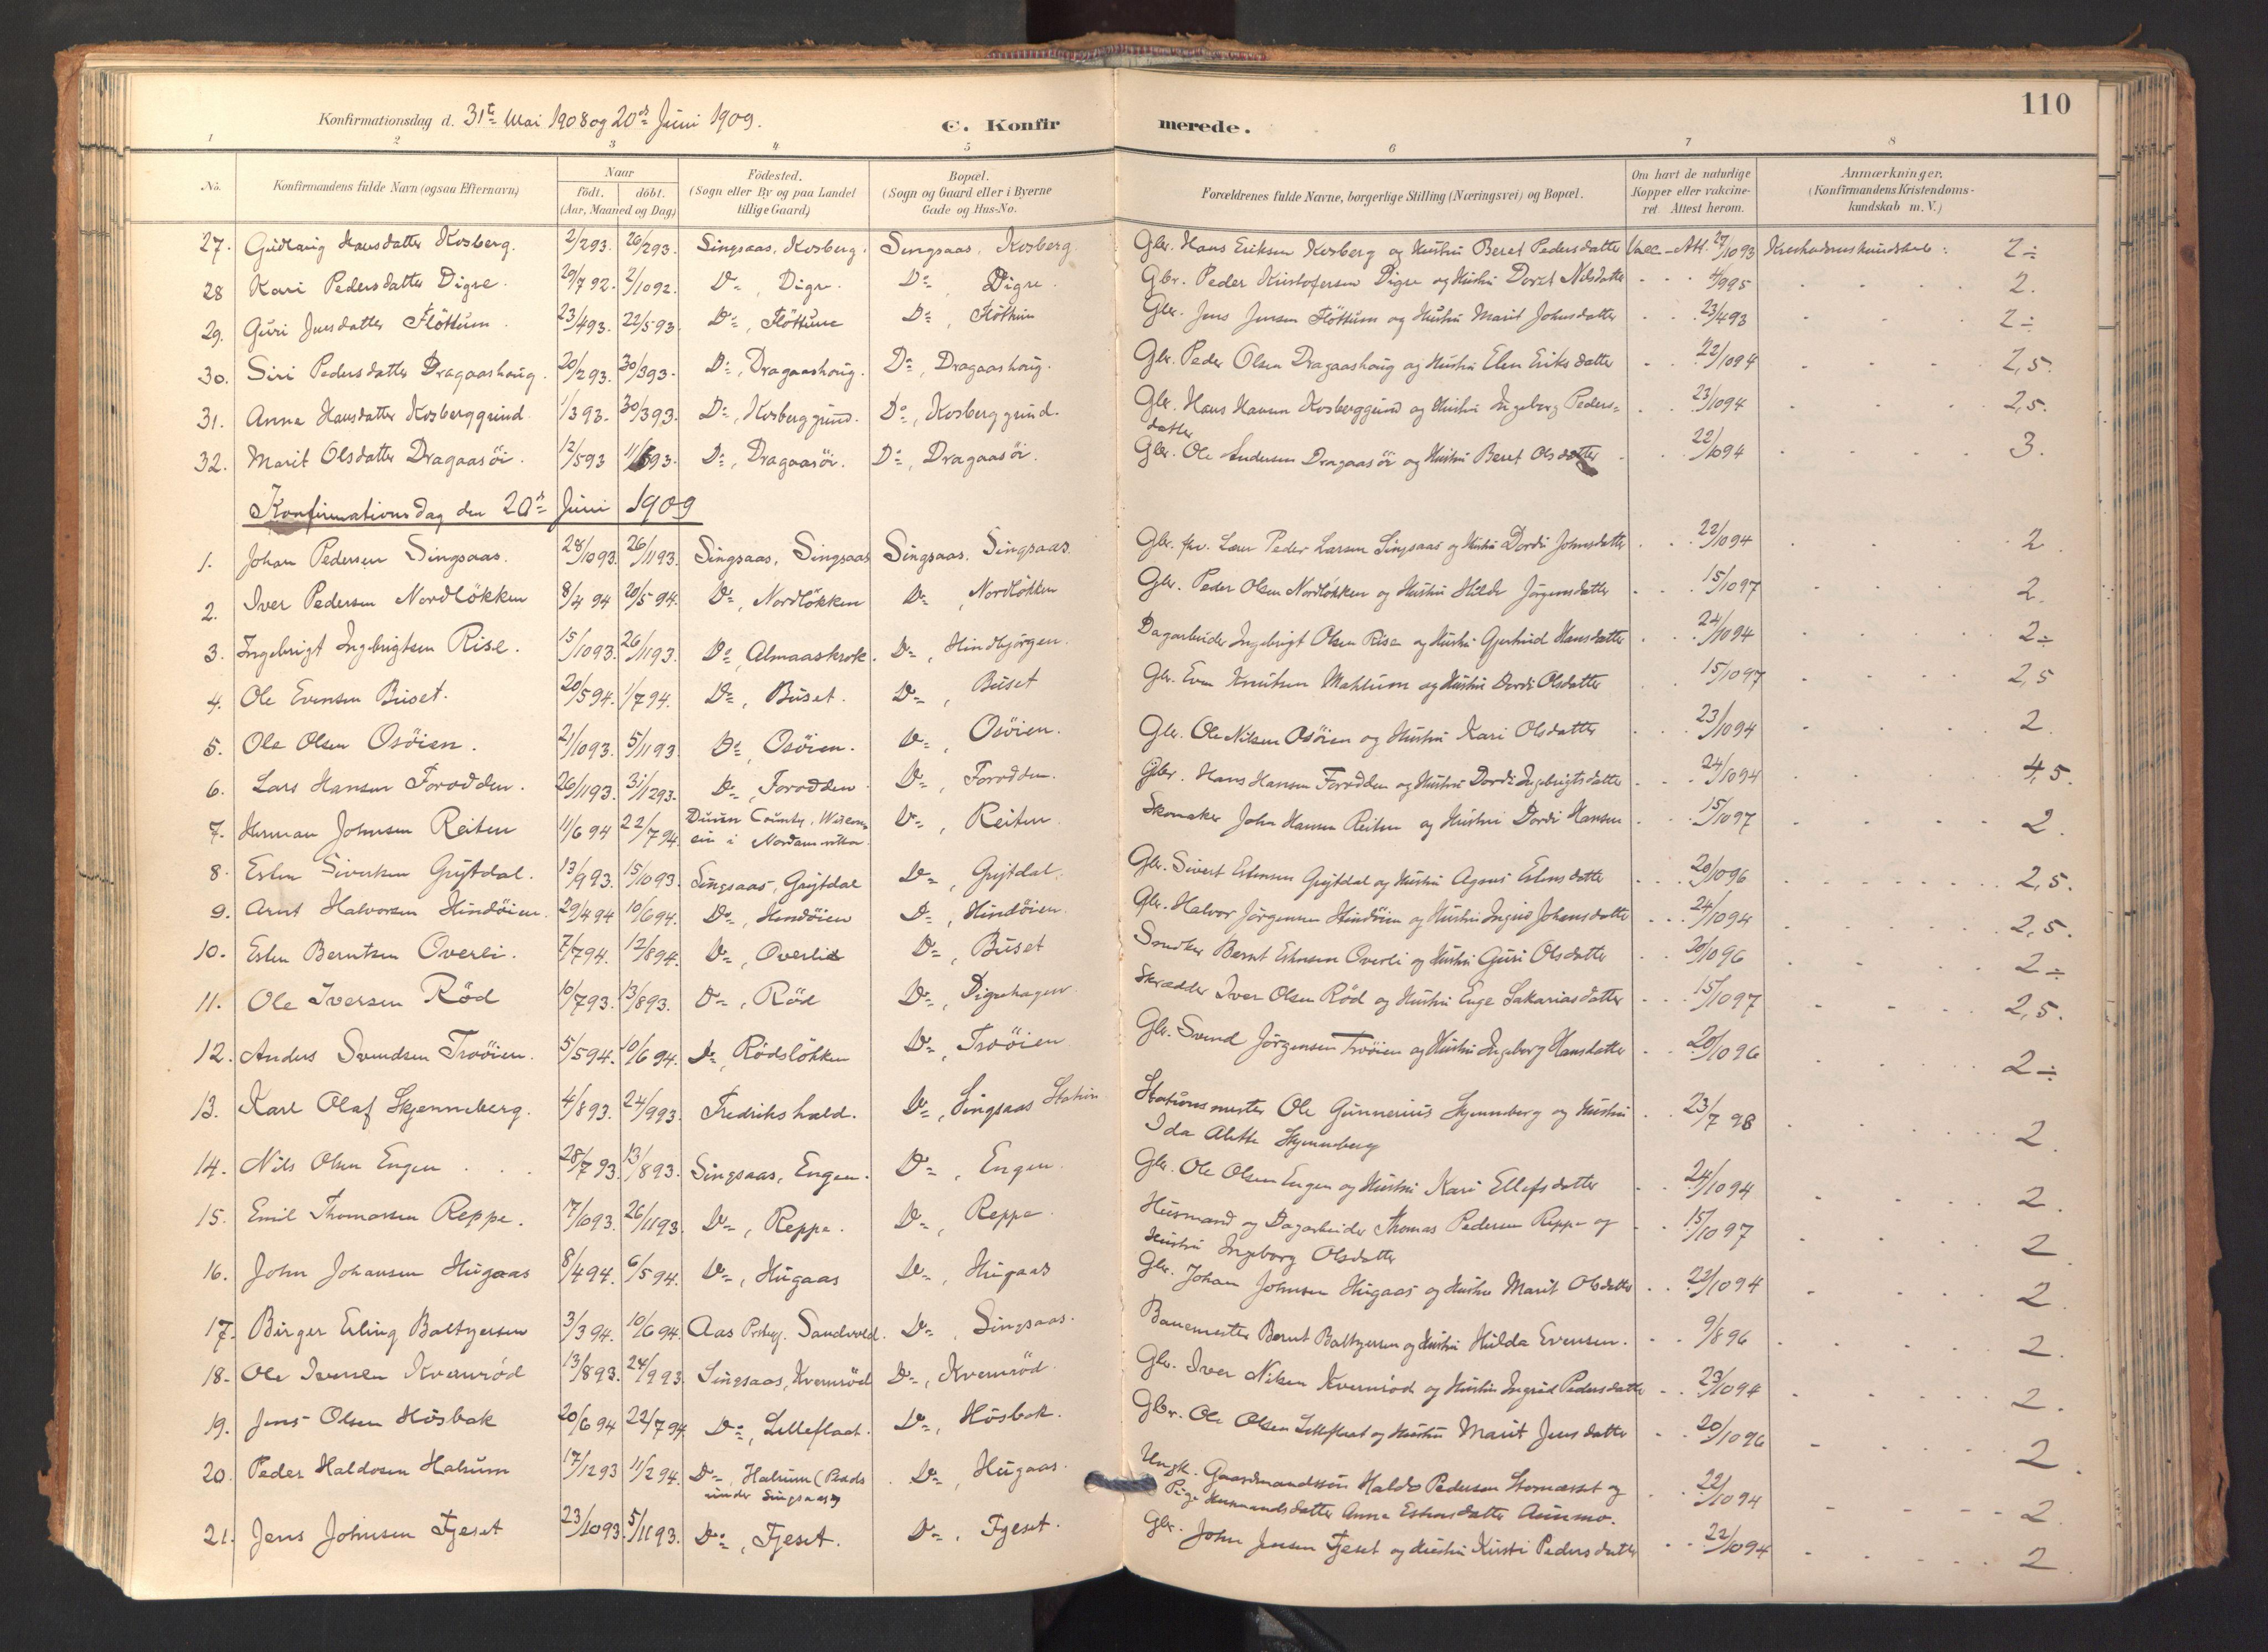 SAT, Ministerialprotokoller, klokkerbøker og fødselsregistre - Sør-Trøndelag, 688/L1025: Ministerialbok nr. 688A02, 1891-1909, s. 110